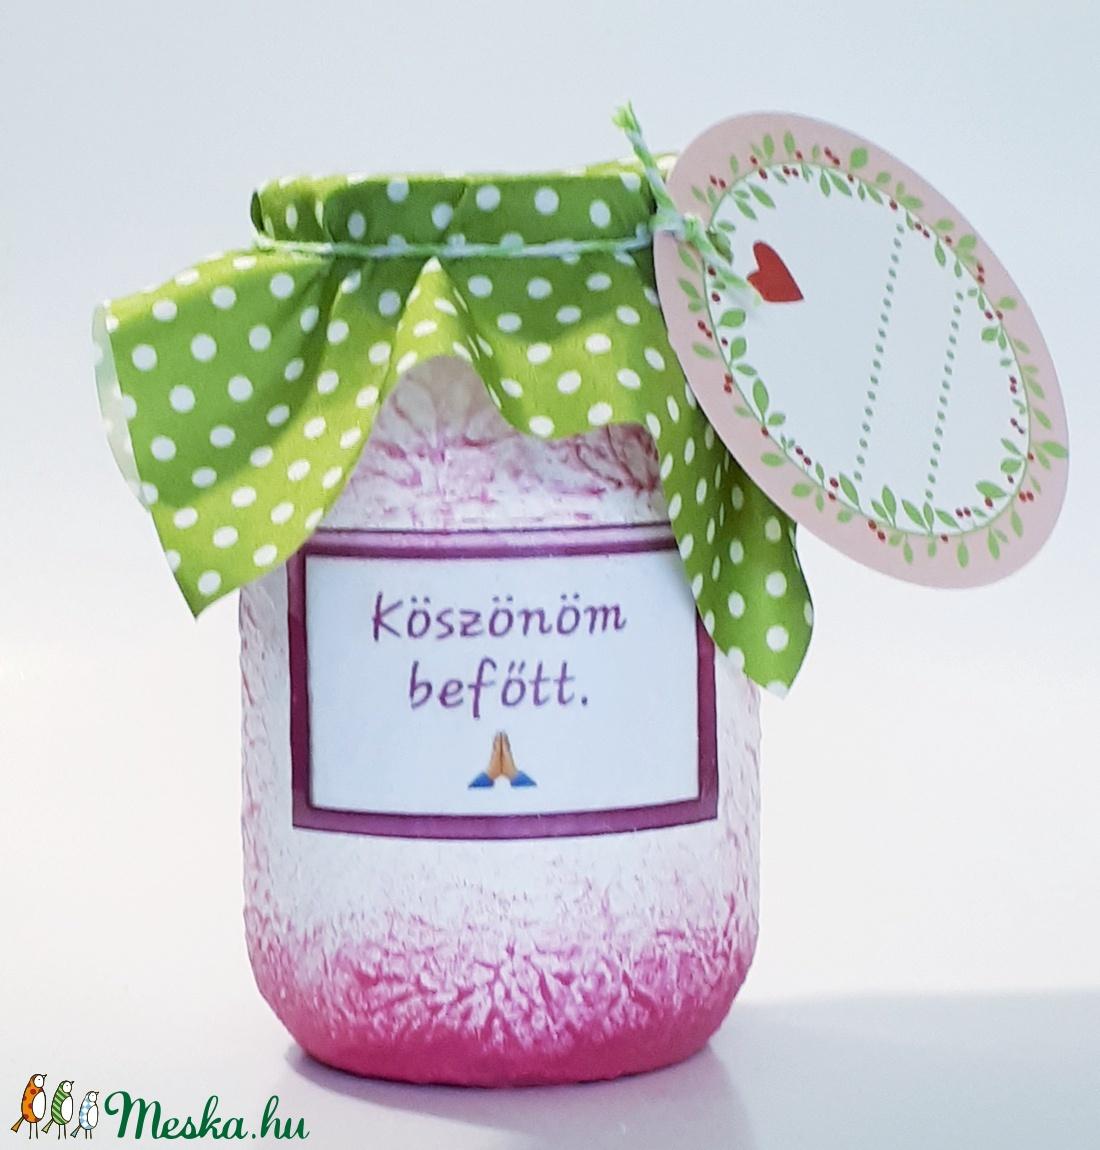 Köszönöm befőttes üveg, különleges ajándék szülinapra, névnapra, karácsonyra, miklulásra, pedagógusoknak, anyáknapjára (Biborvarazs) - Meska.hu